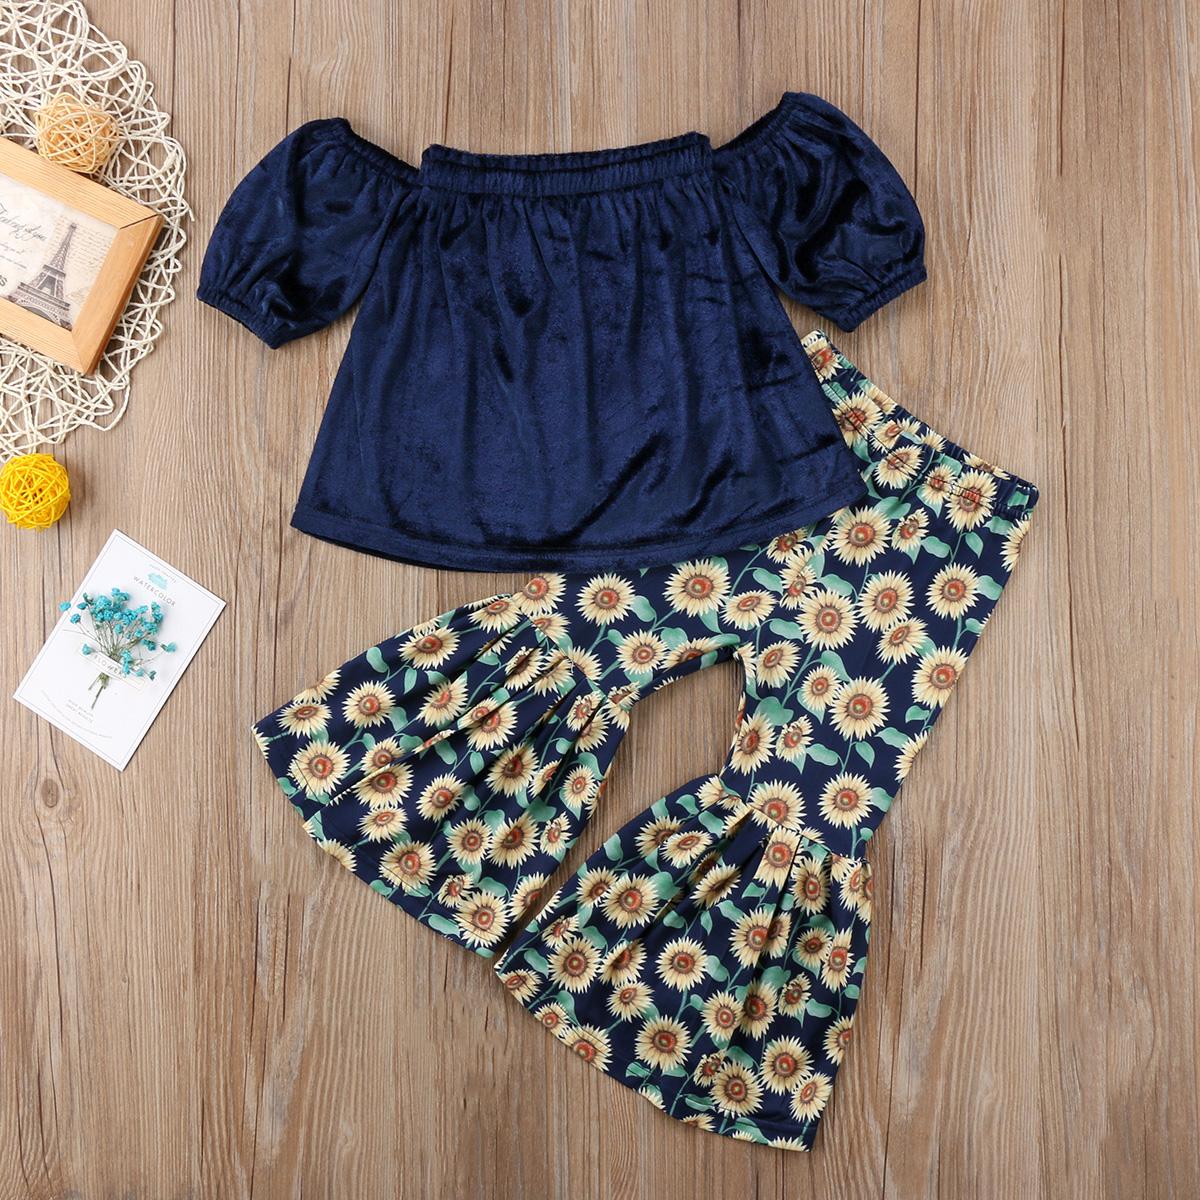 Uroczy zestaw na lato dla dziewczynki – spodnie rozszerzane dołem w słoneczniki + bluzka z odsłoniętymi ramionami. Rozmiar 2-6lat. Cena 28zł.